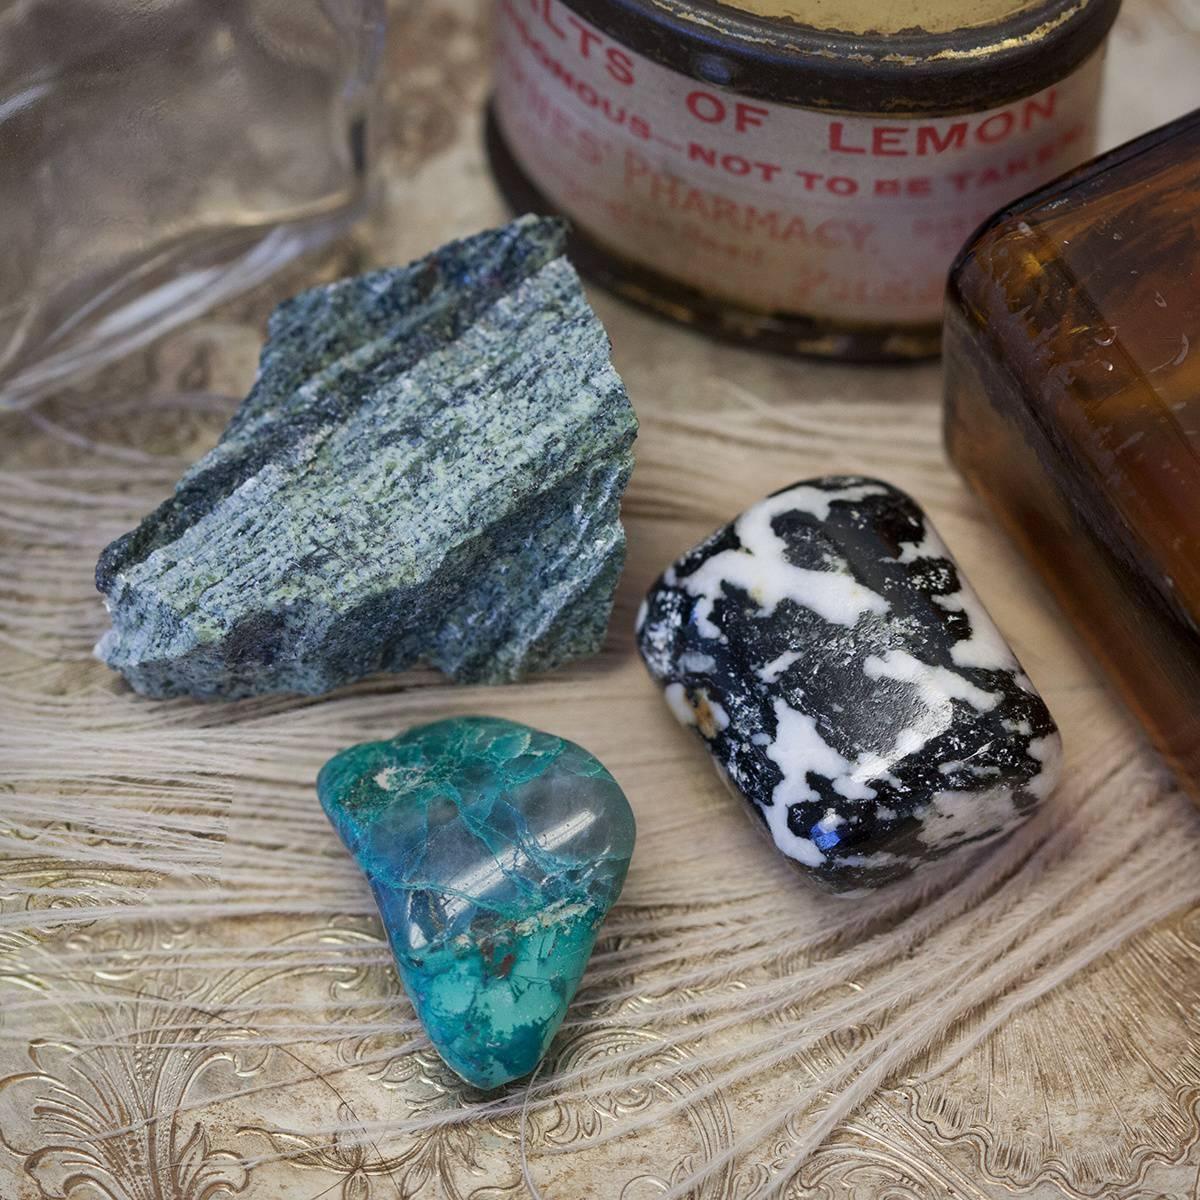 Gem RX- Sage Goddess Gemstone Prescription Trio for Unleashing your Wild Woman 6_25